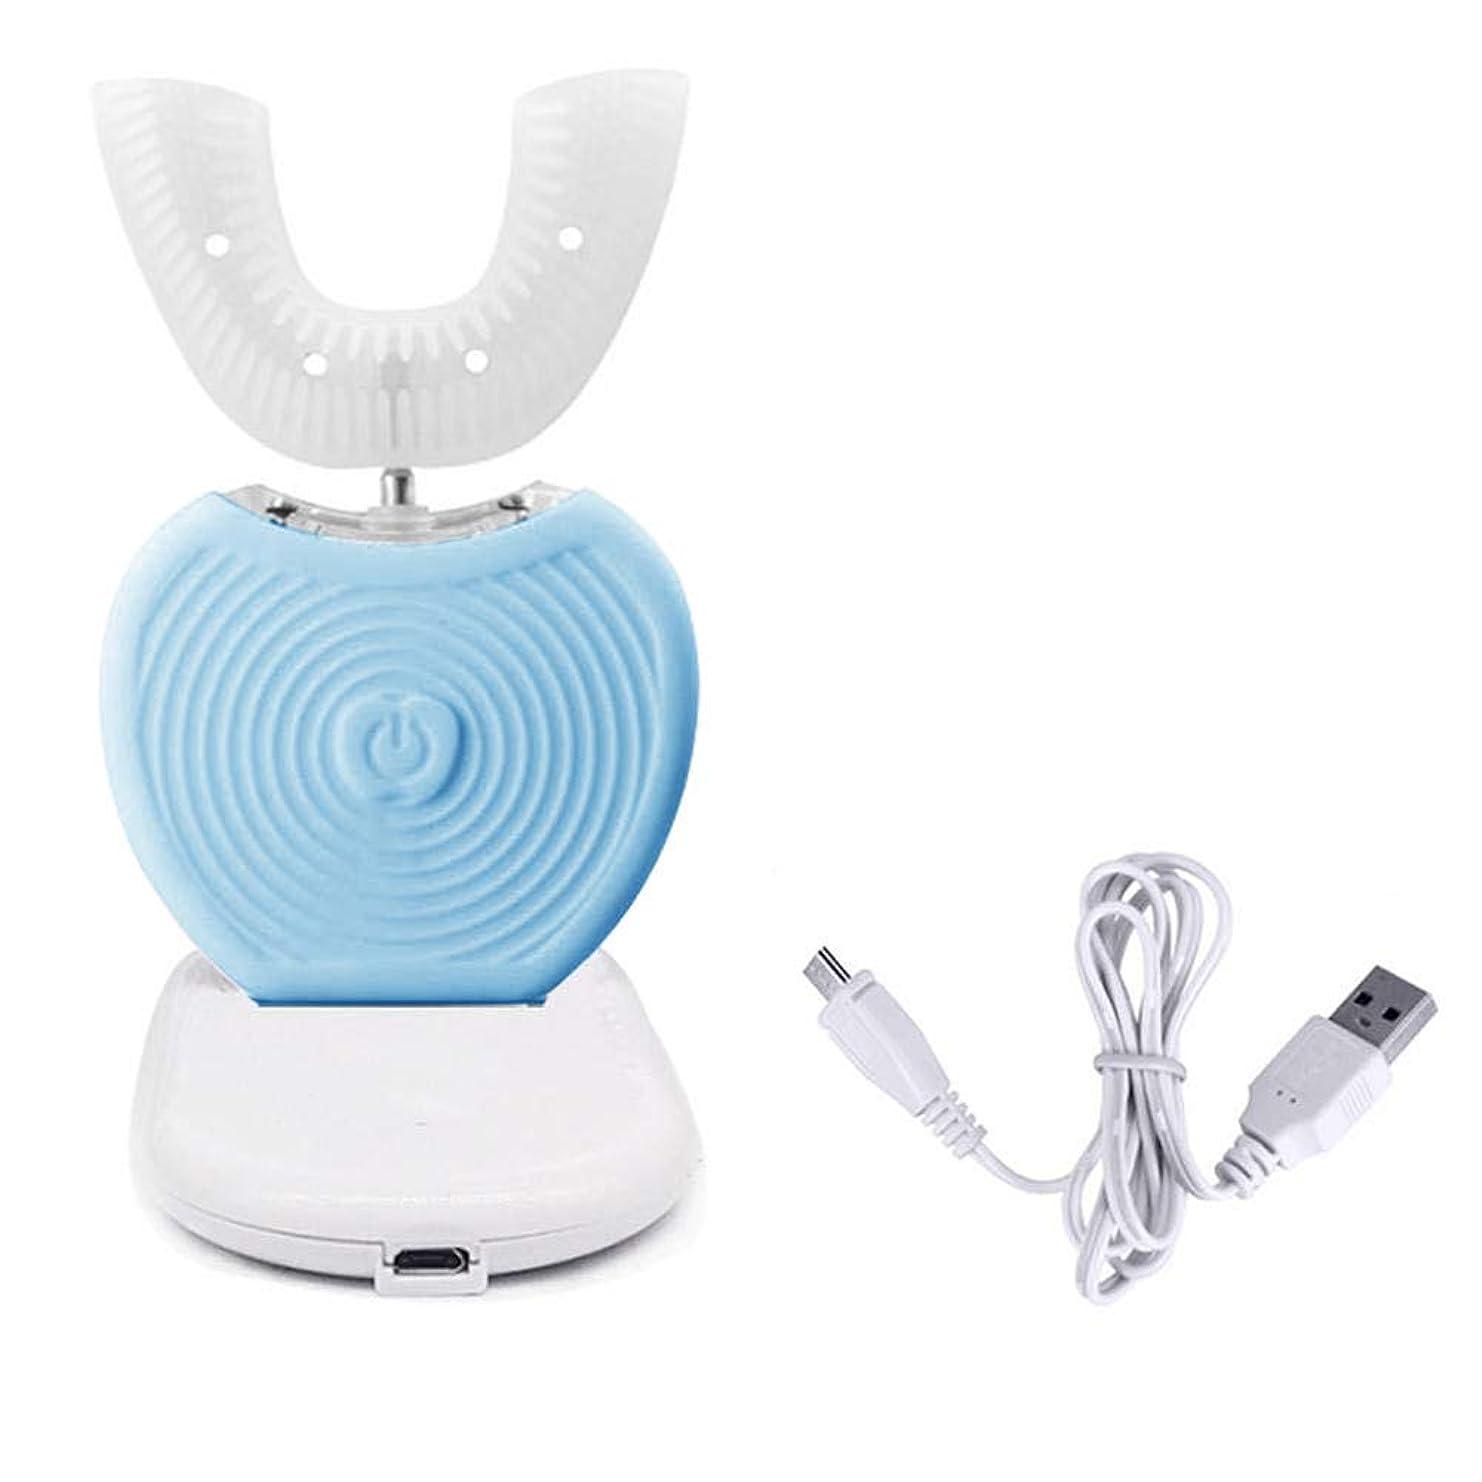 考慮カスケードのU型電動歯ブラシ 電動歯ブラシ IPX7防水 自動超音波 オールラウンドクリーニング ソニック振動歯ブラシ